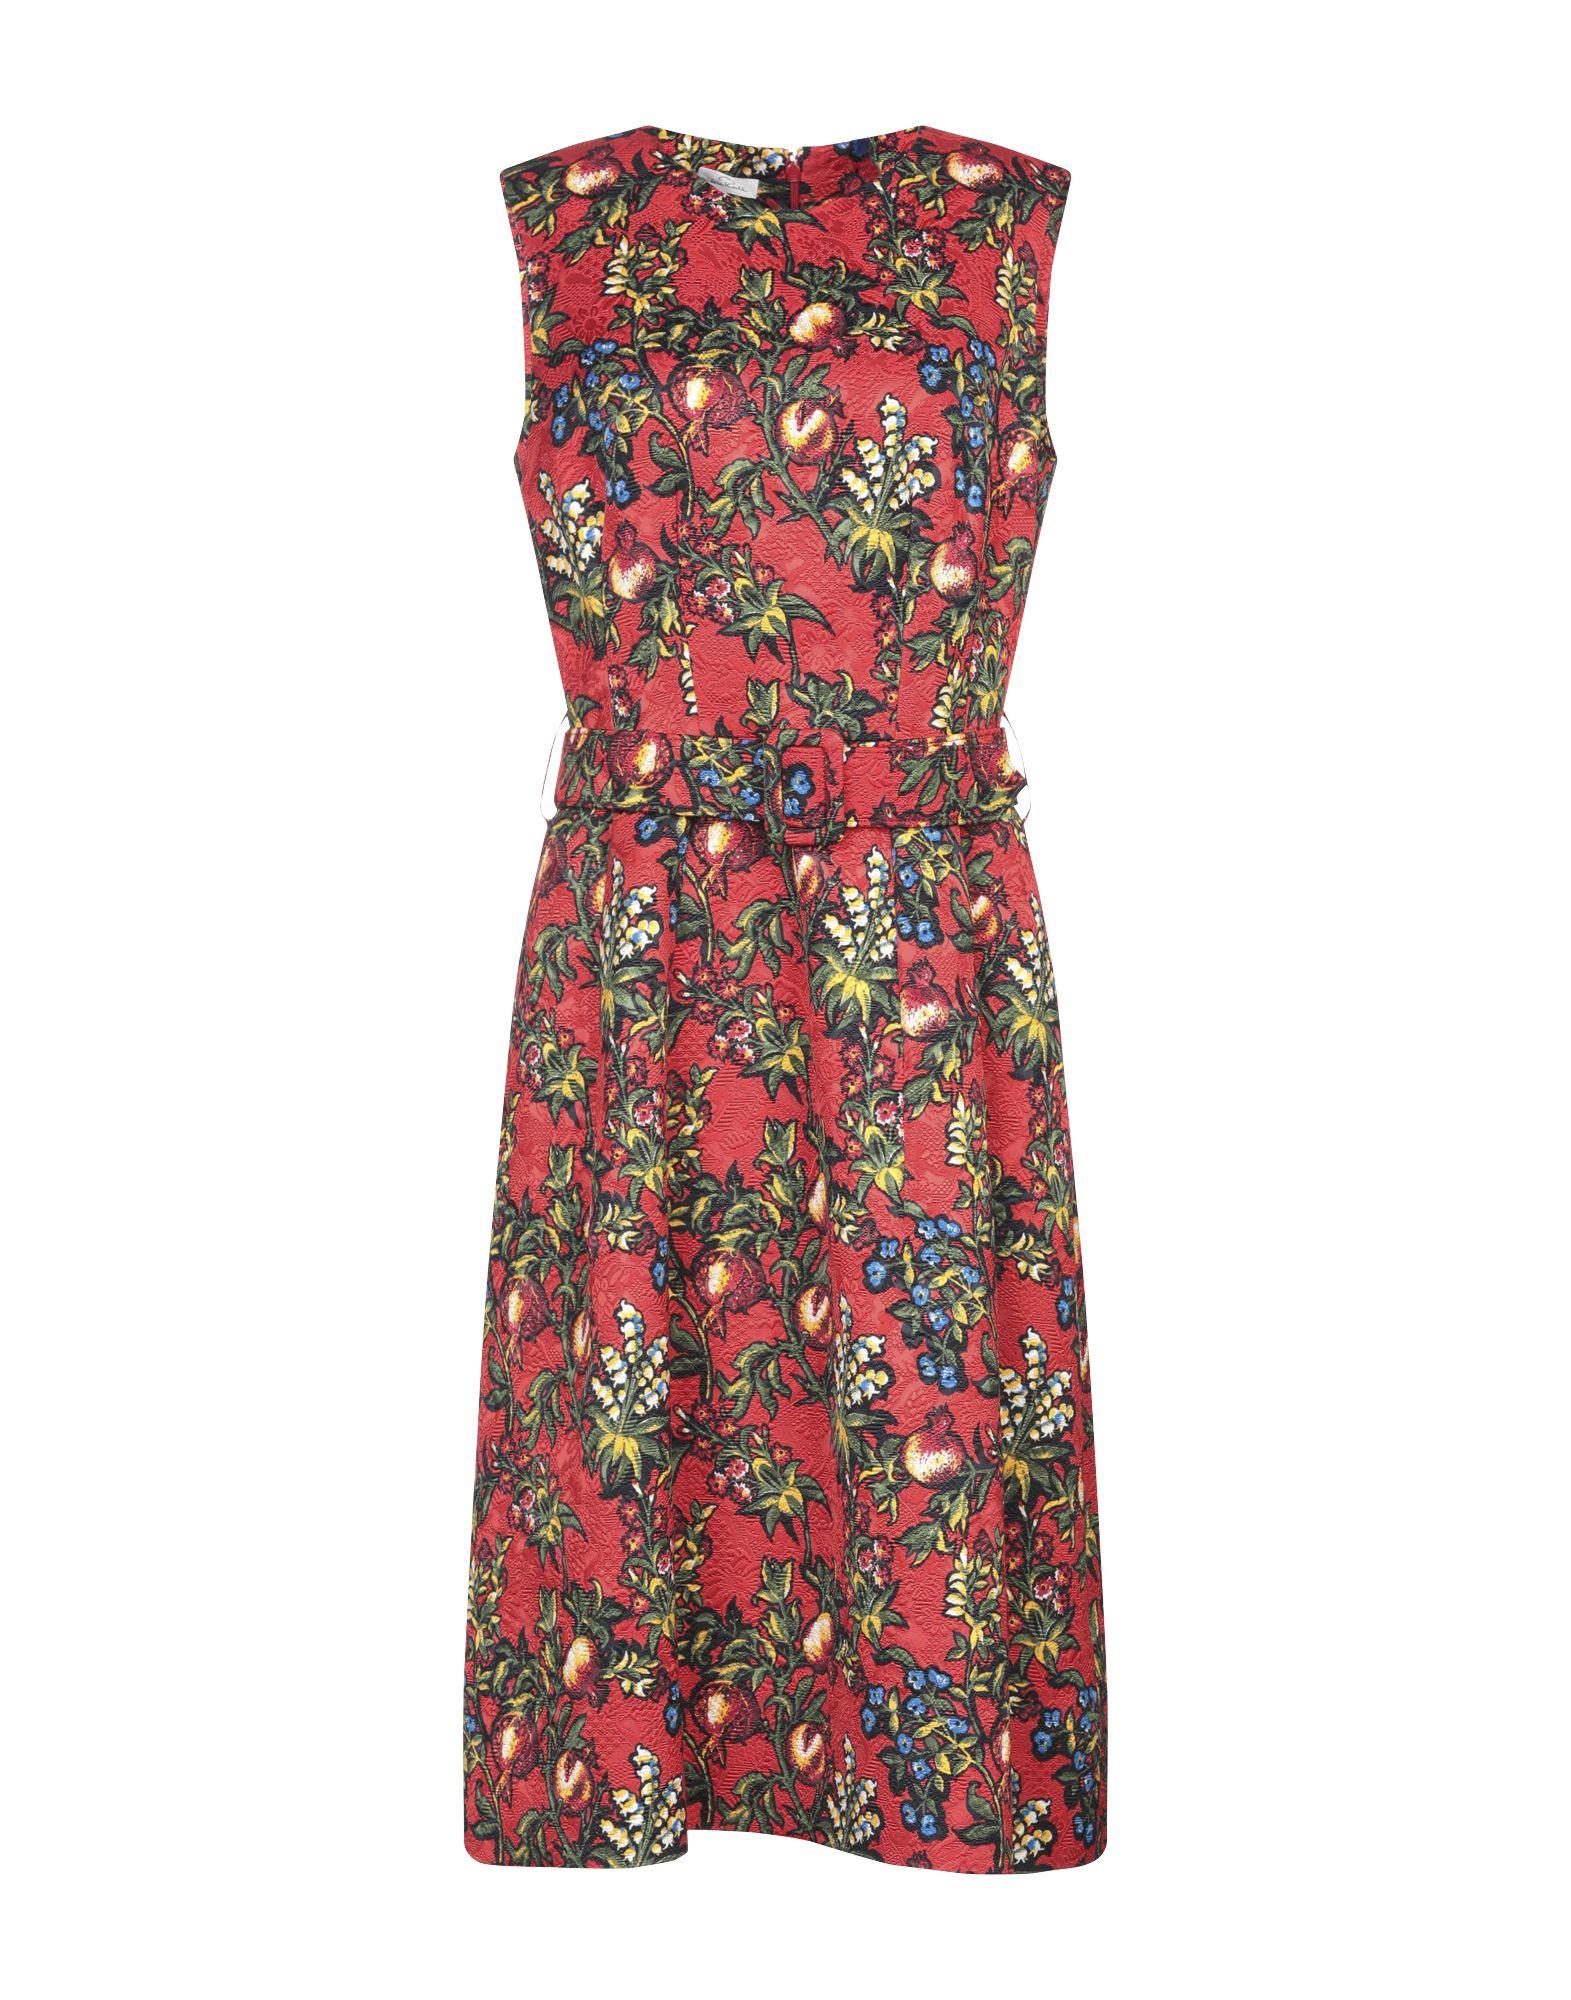 OSCAR DE LA RENTA Платье длиной 3/4 недорго, оригинальная цена